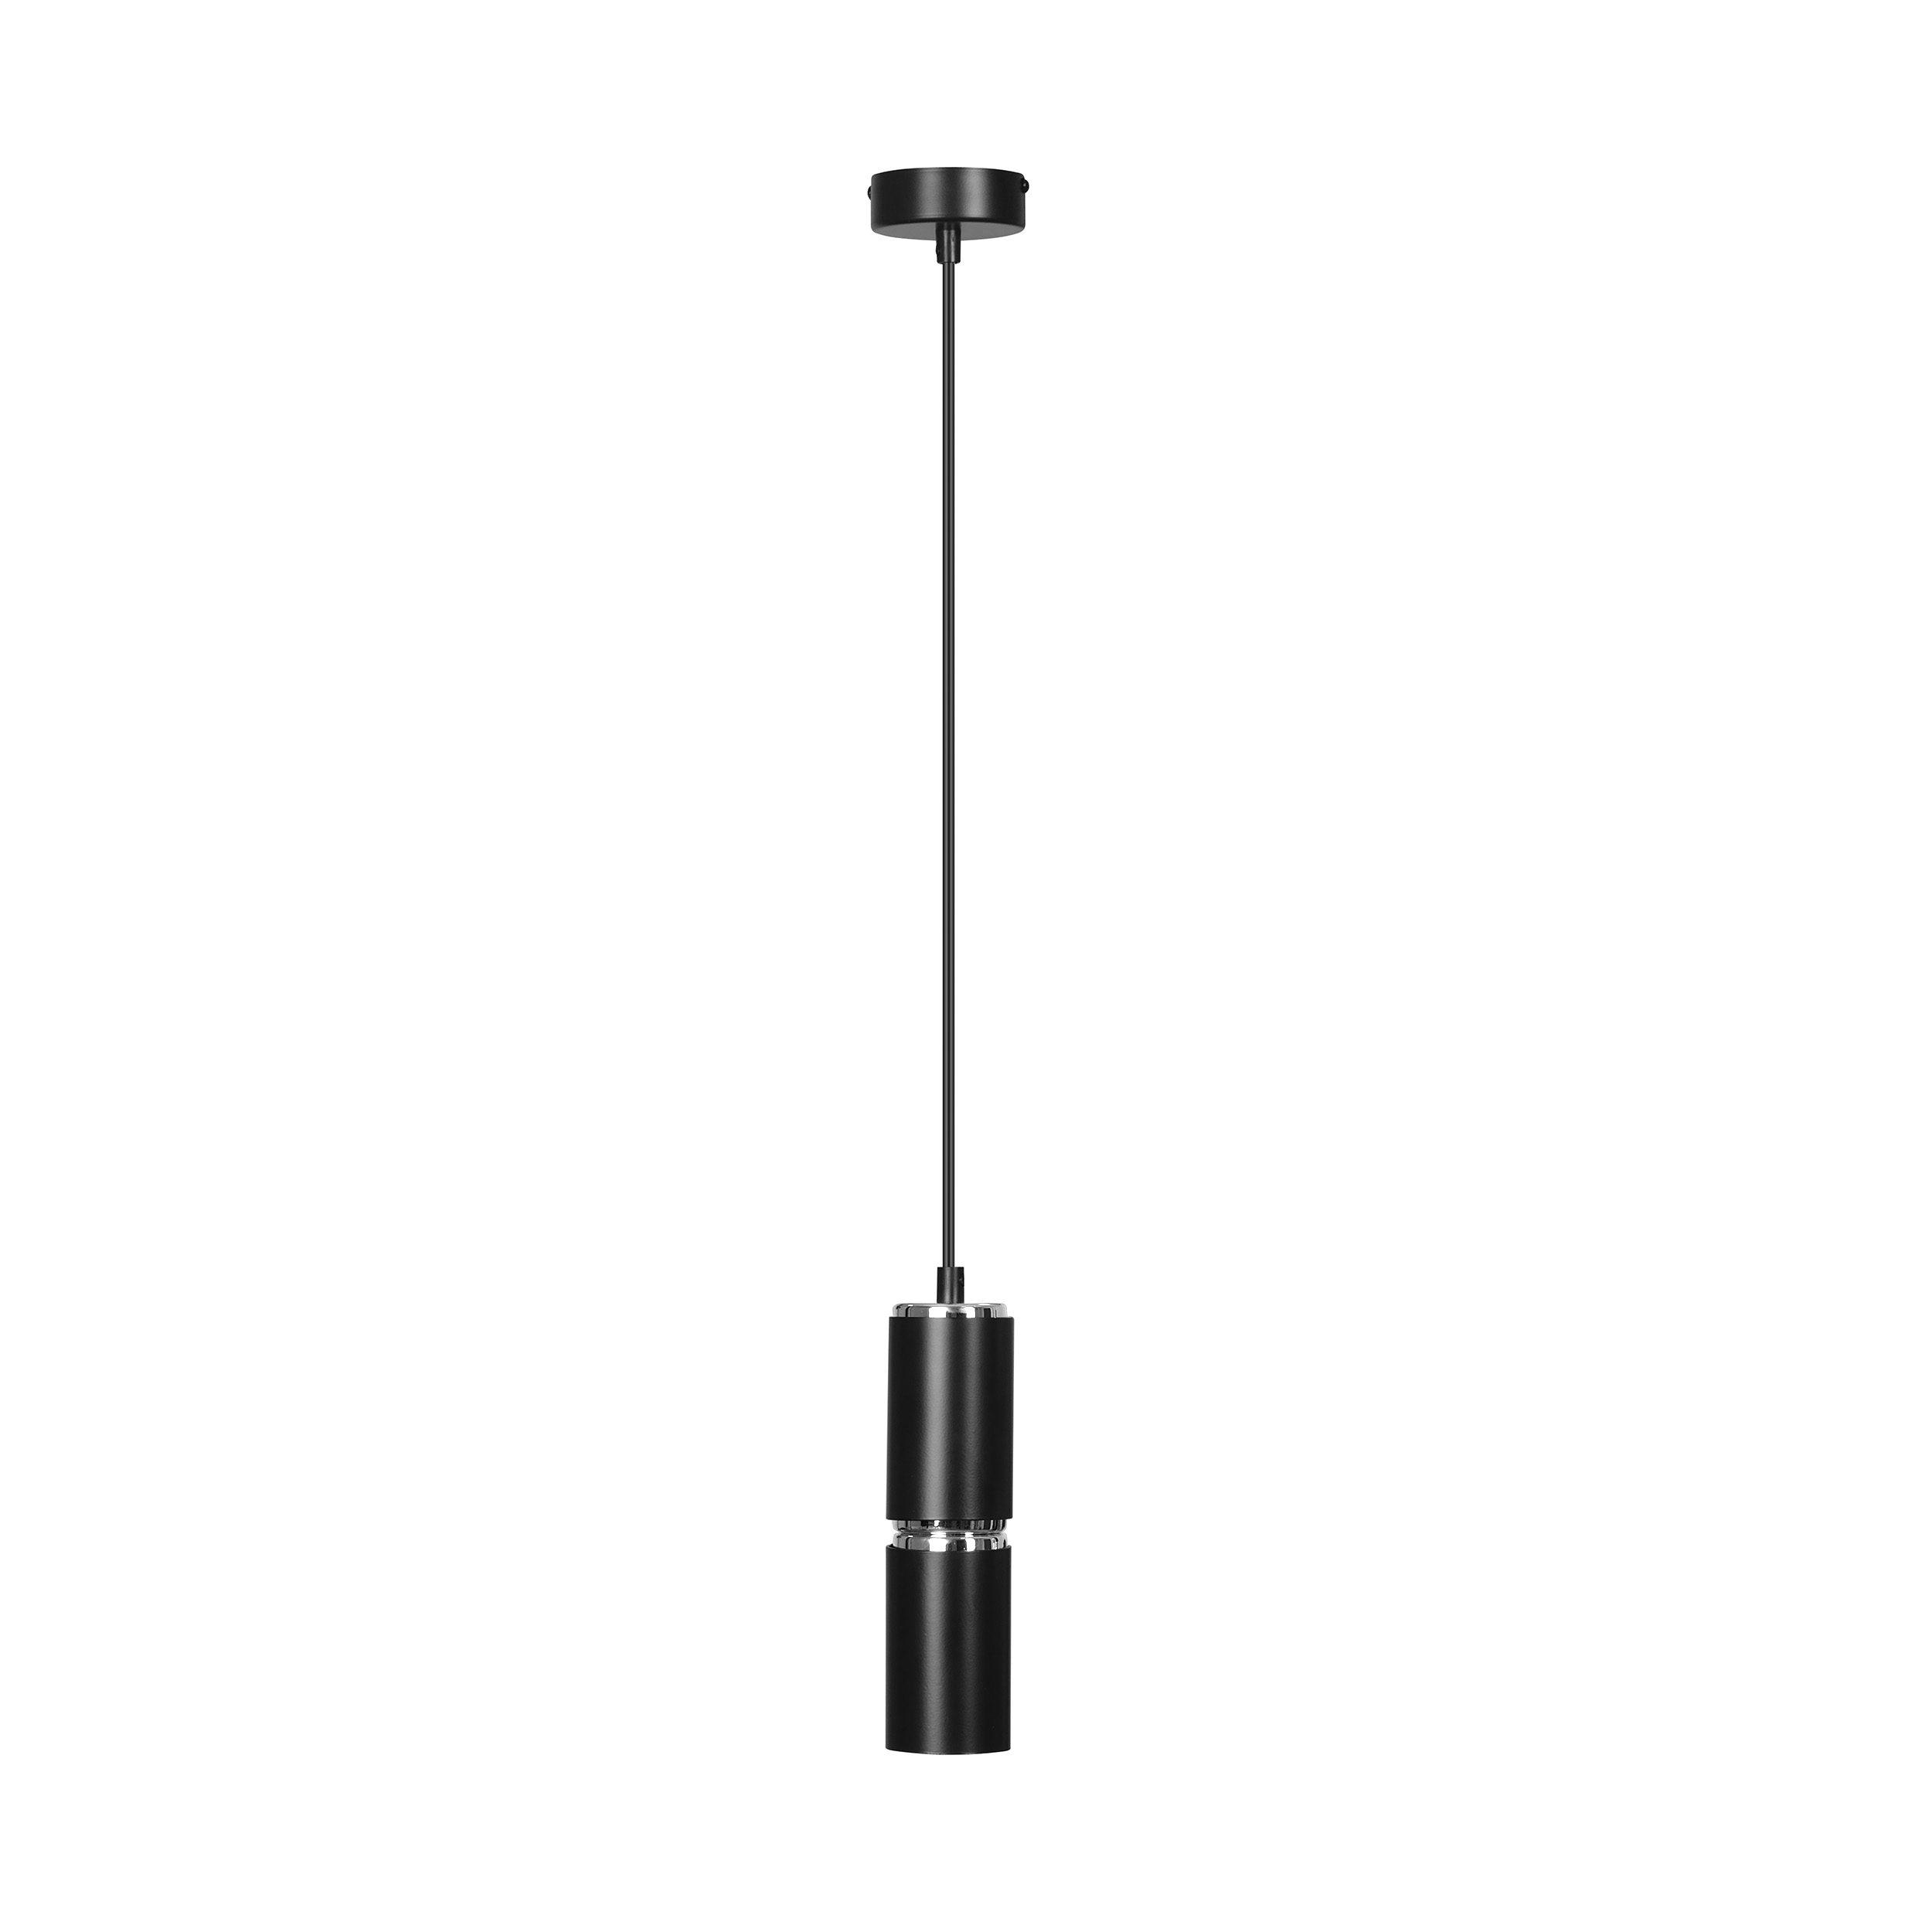 minimalistyczna-metalowa-lampa-wiszaca-do-kuchni